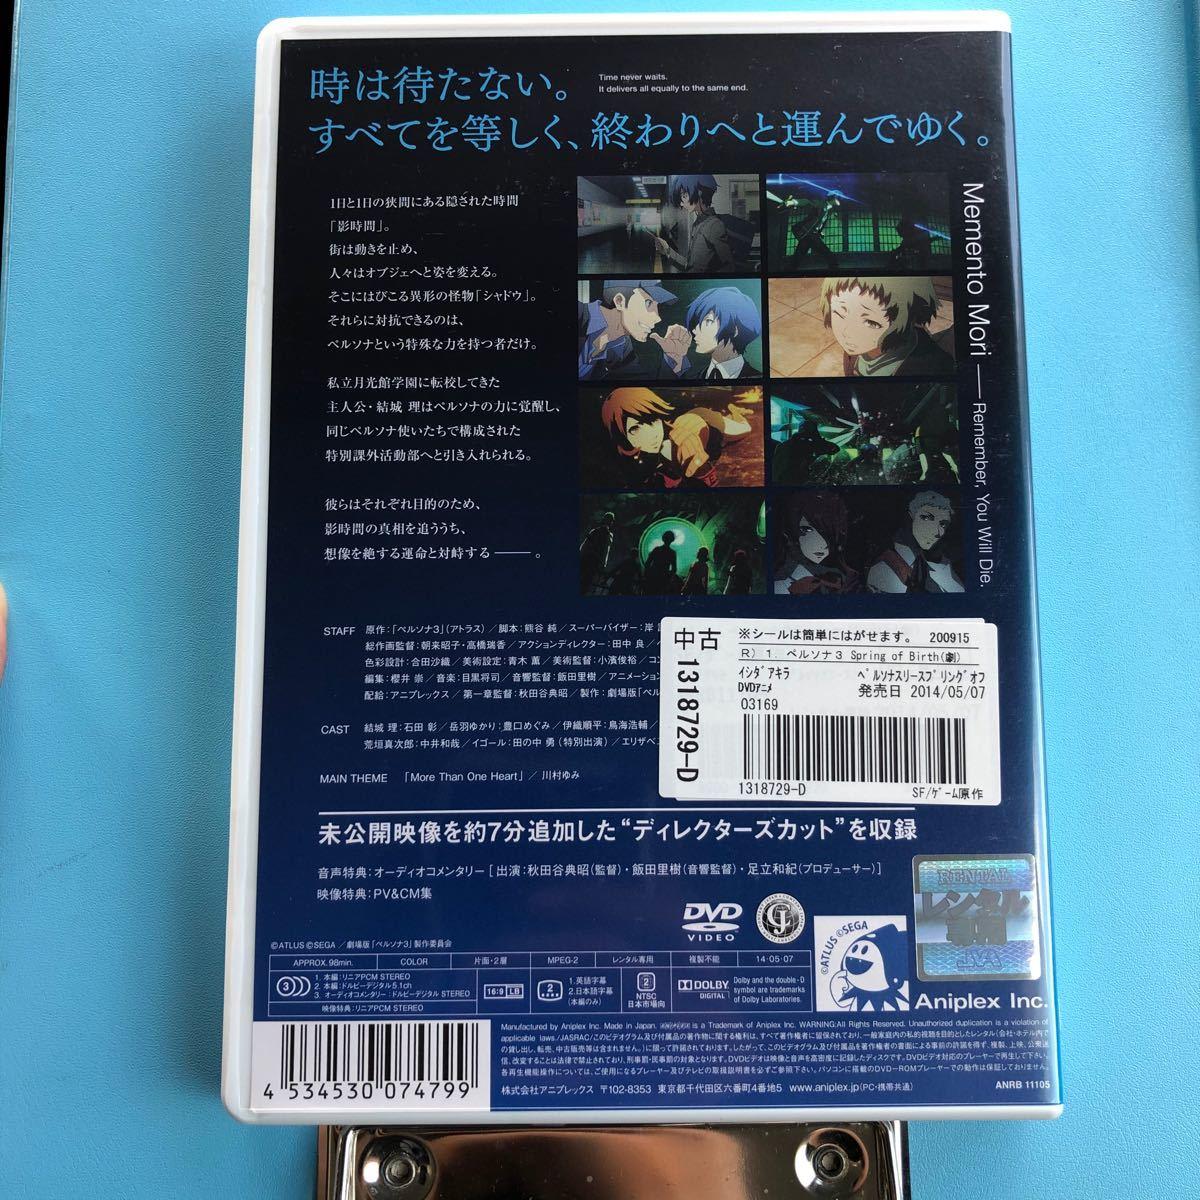 劇場版 ペルソナ 3 #1 Spring of Birth DVD